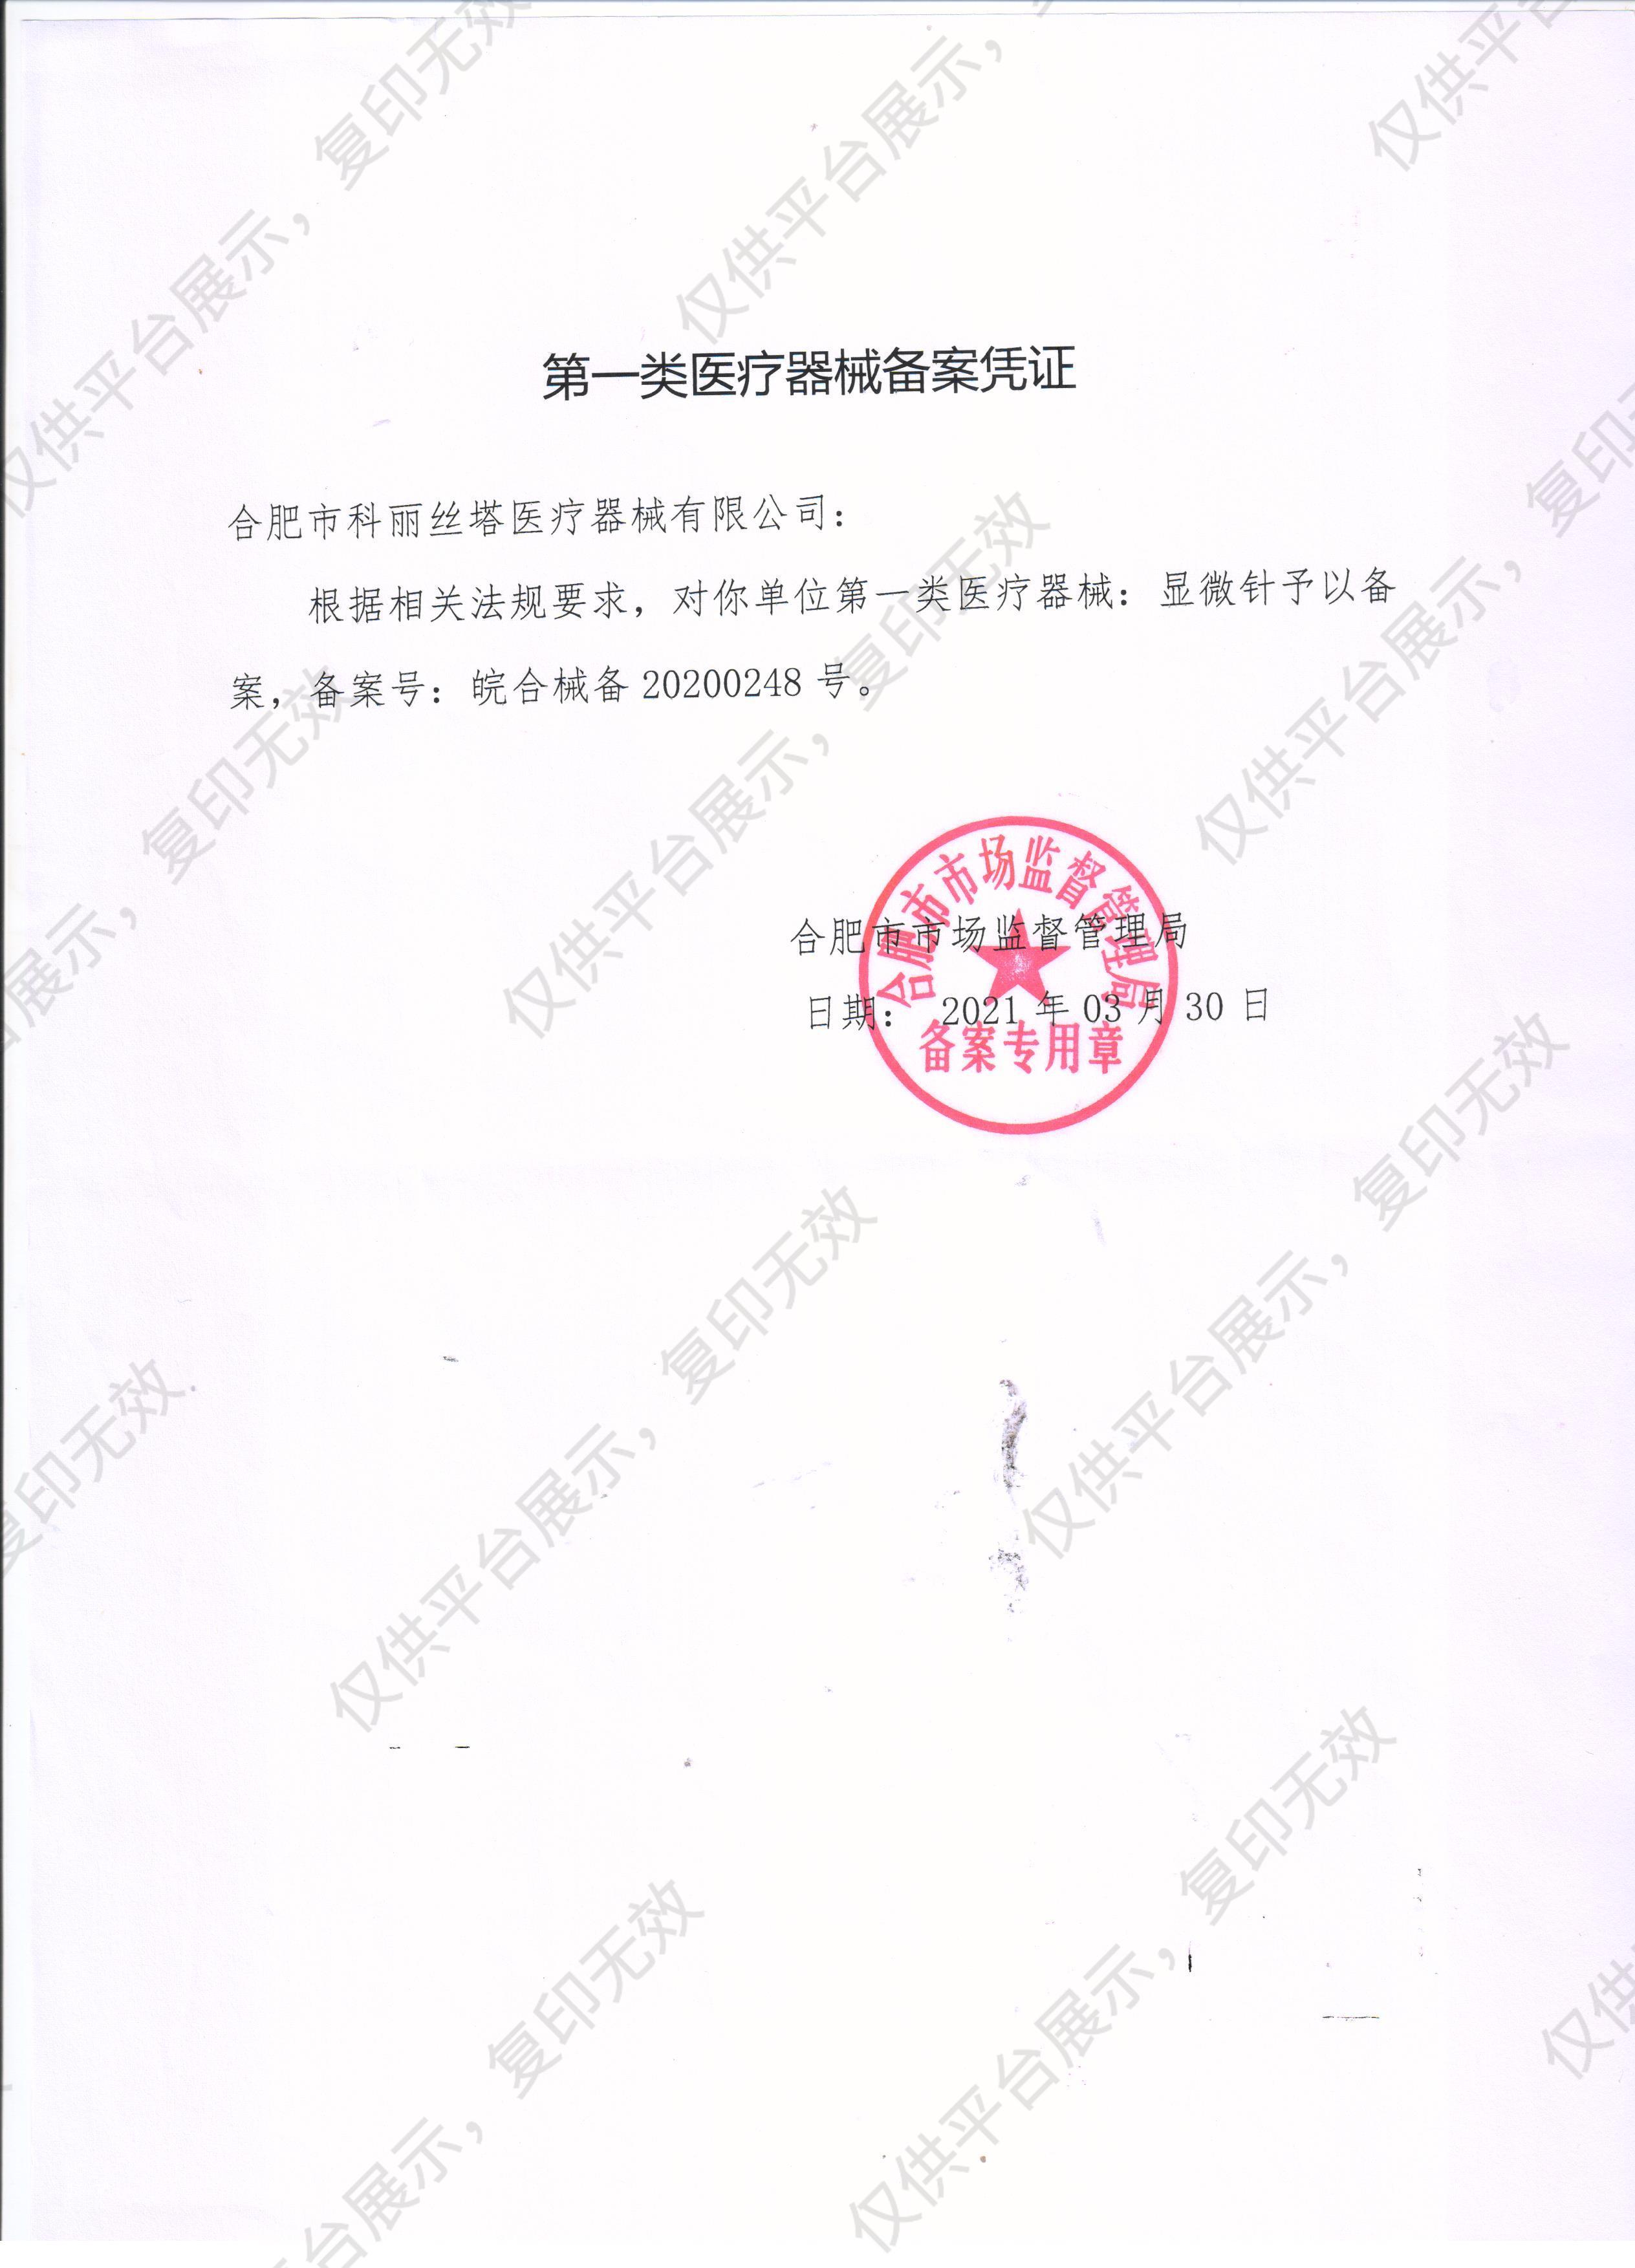 圣芯四针头 显微针C-A4 水光针 34G×1.5mm 20支/盒注册证